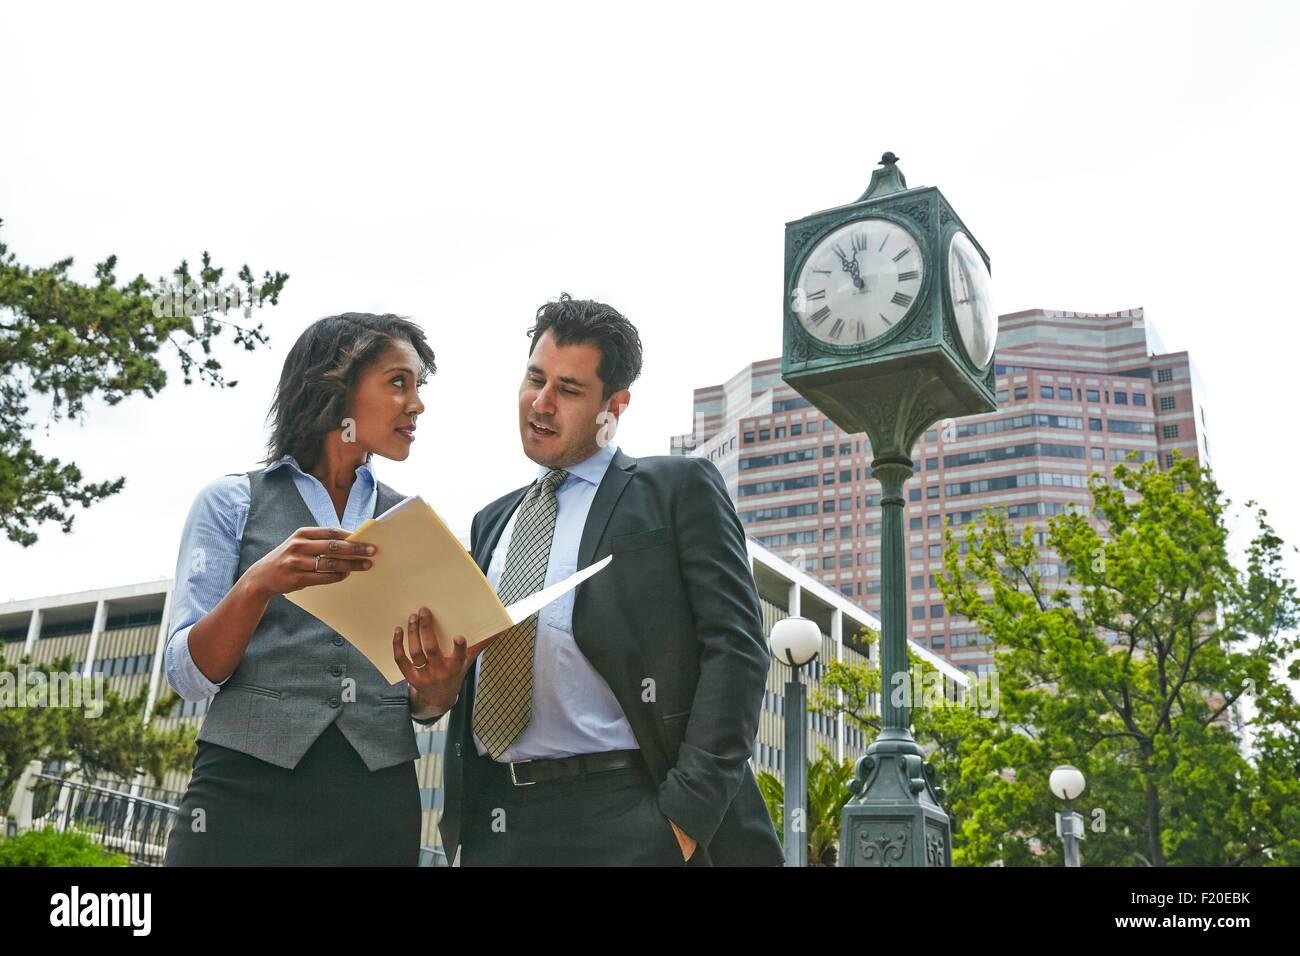 Vista frontal de la gente de negocios de pie junto al reloj mirando el papeleo, de cintura para arriba Imagen De Stock